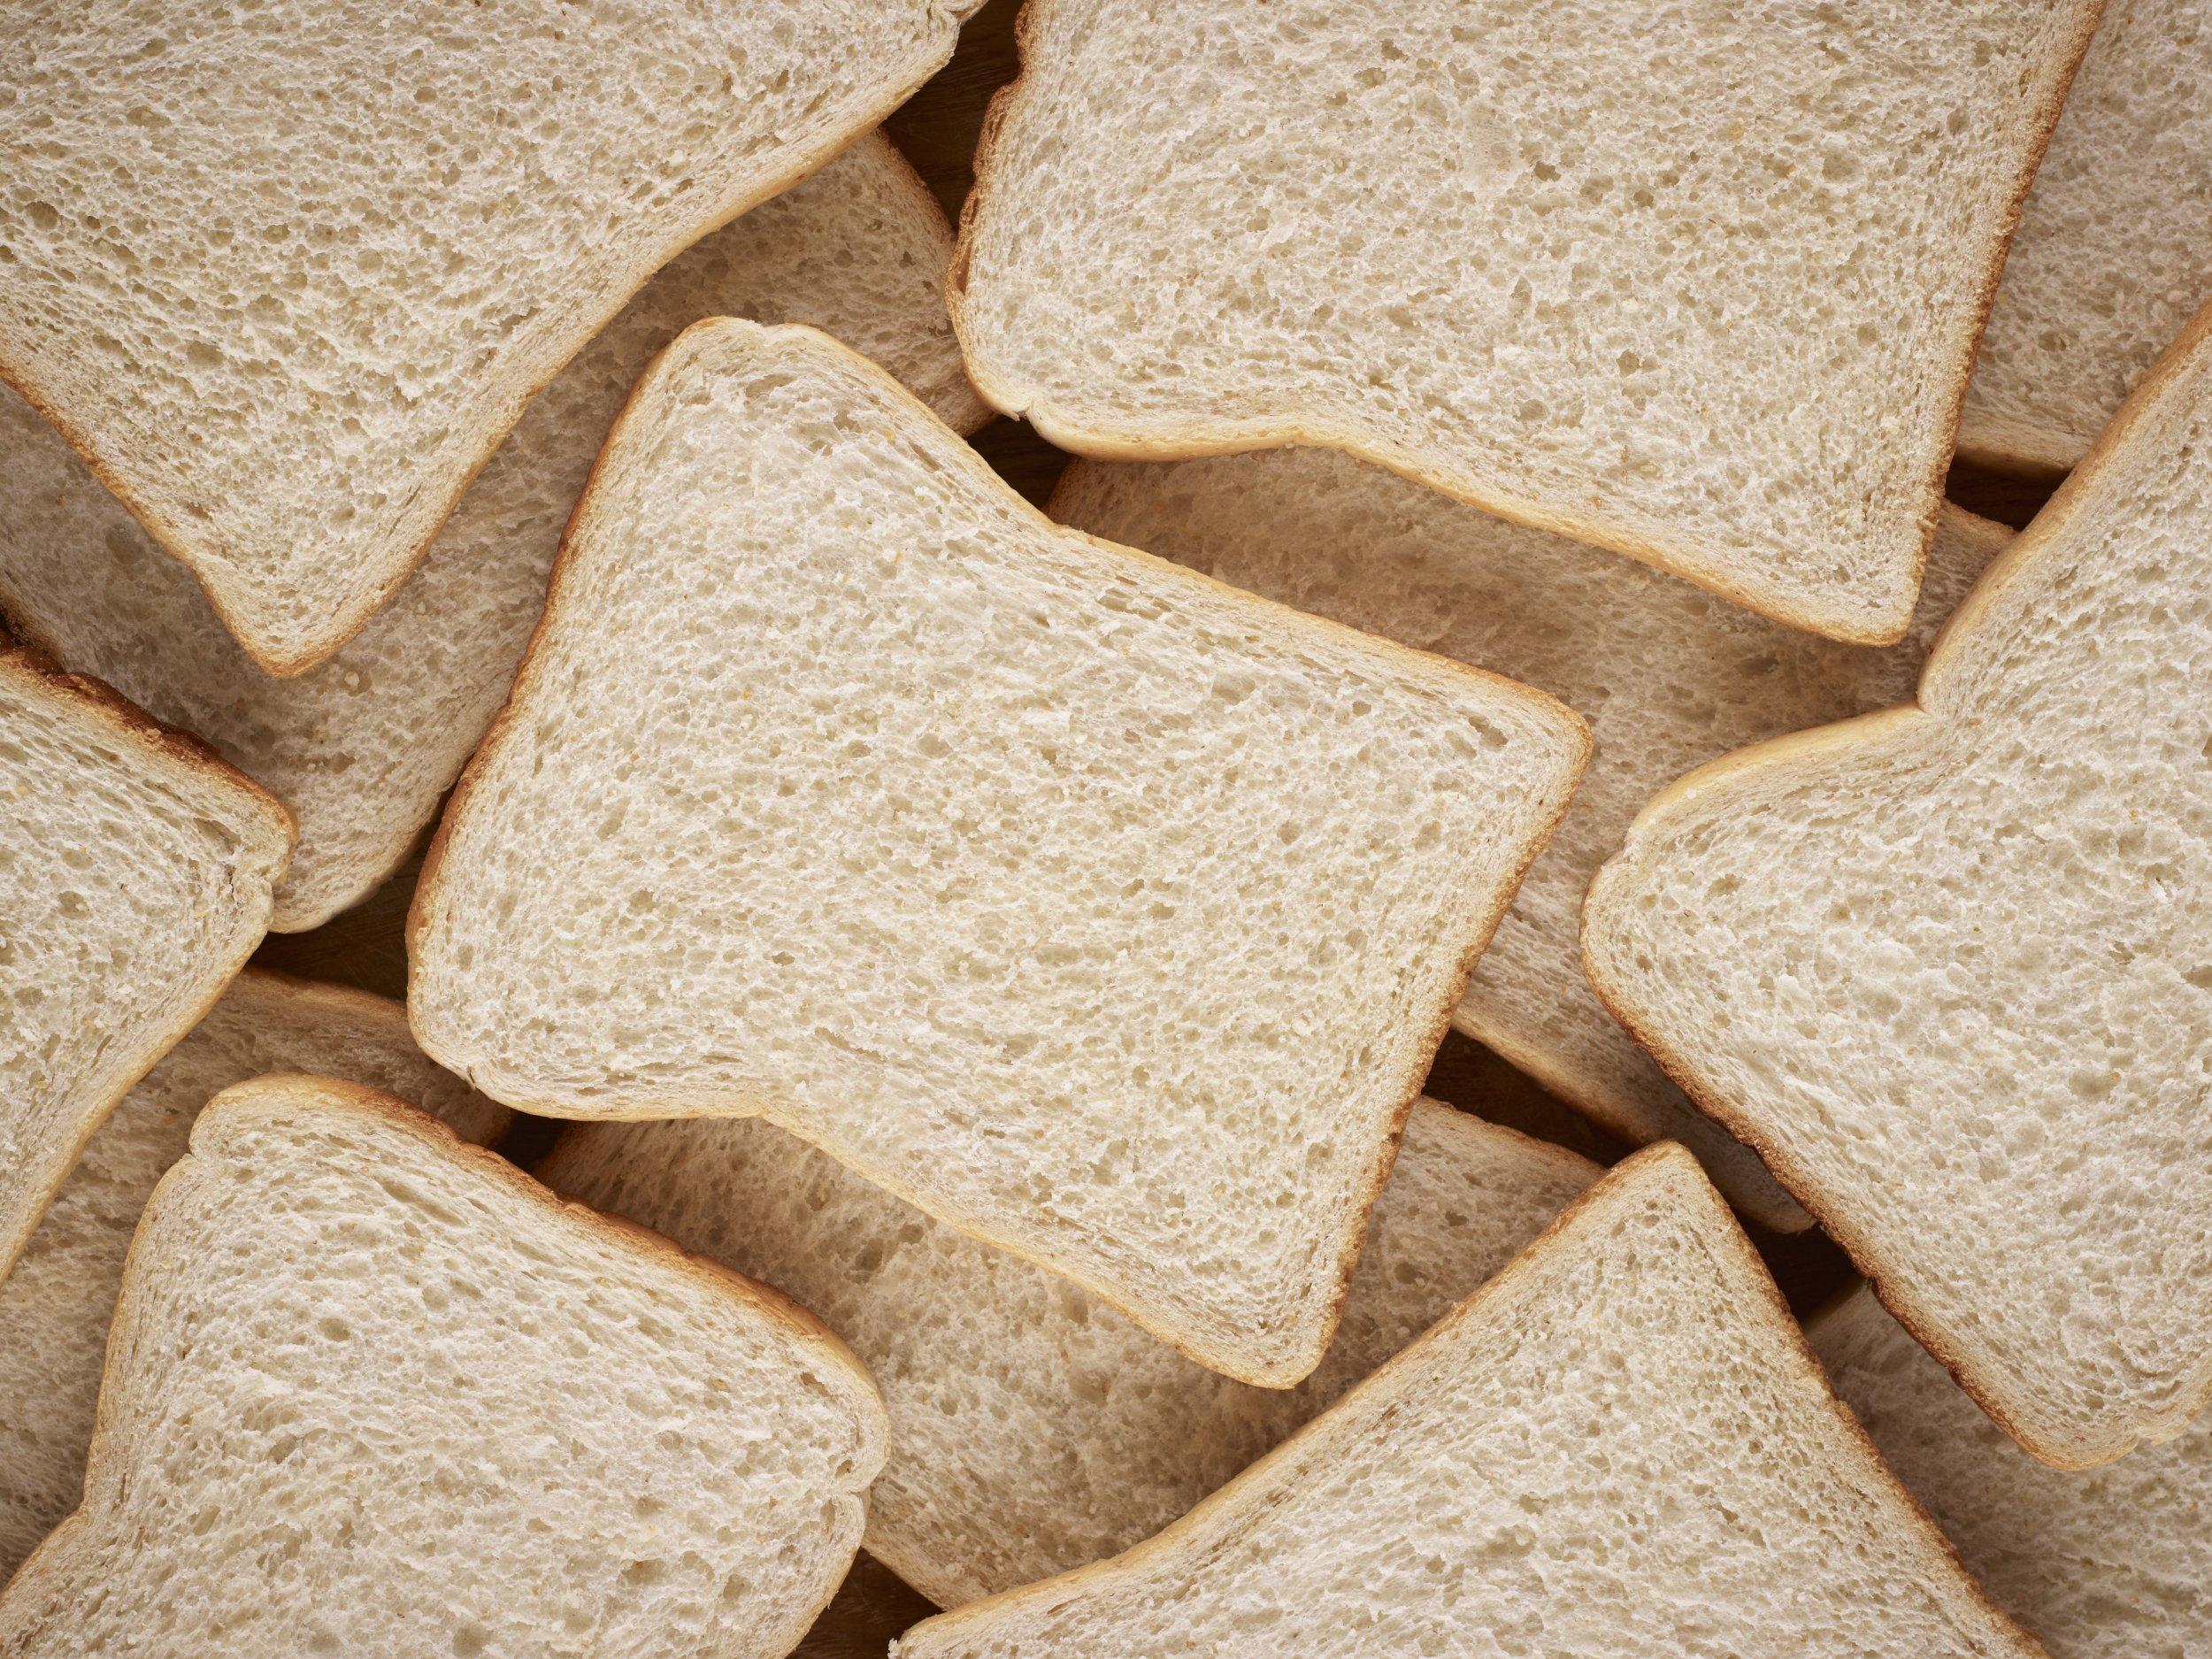 07_21_Bread_01